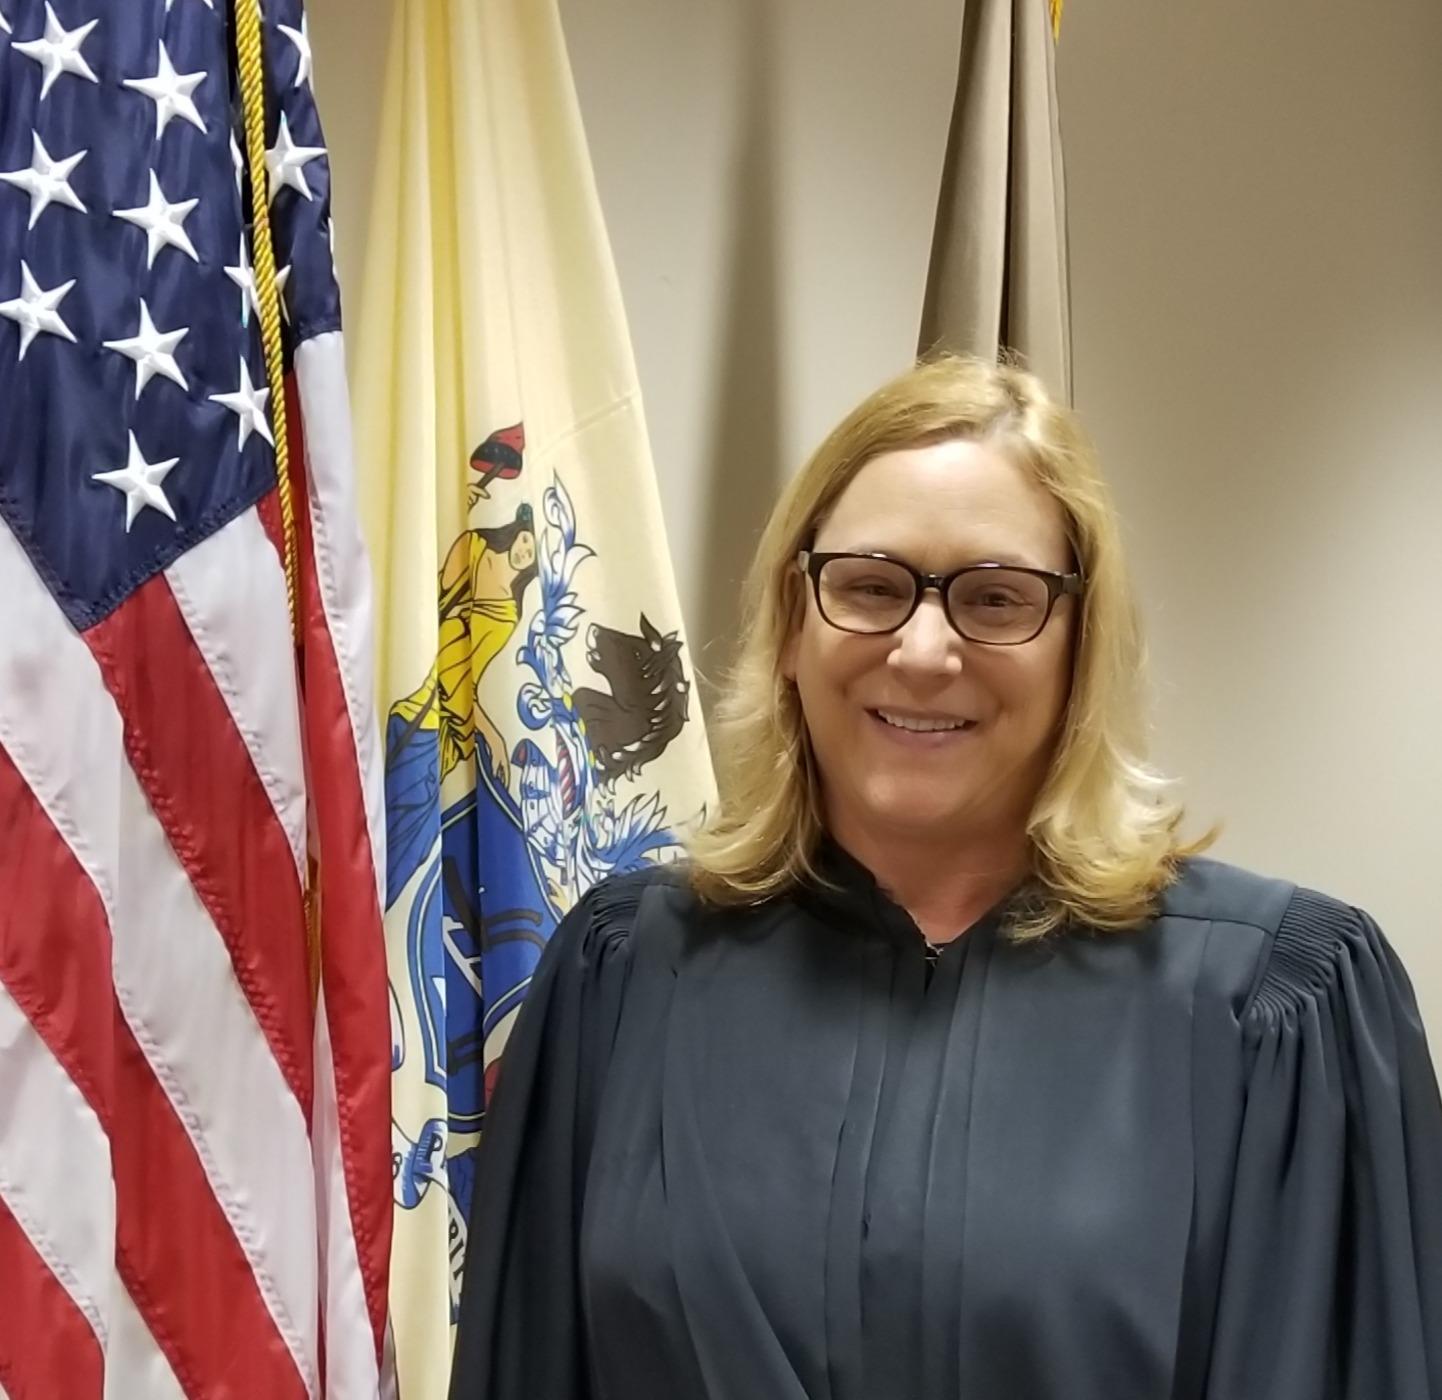 Judge Lynch Ford